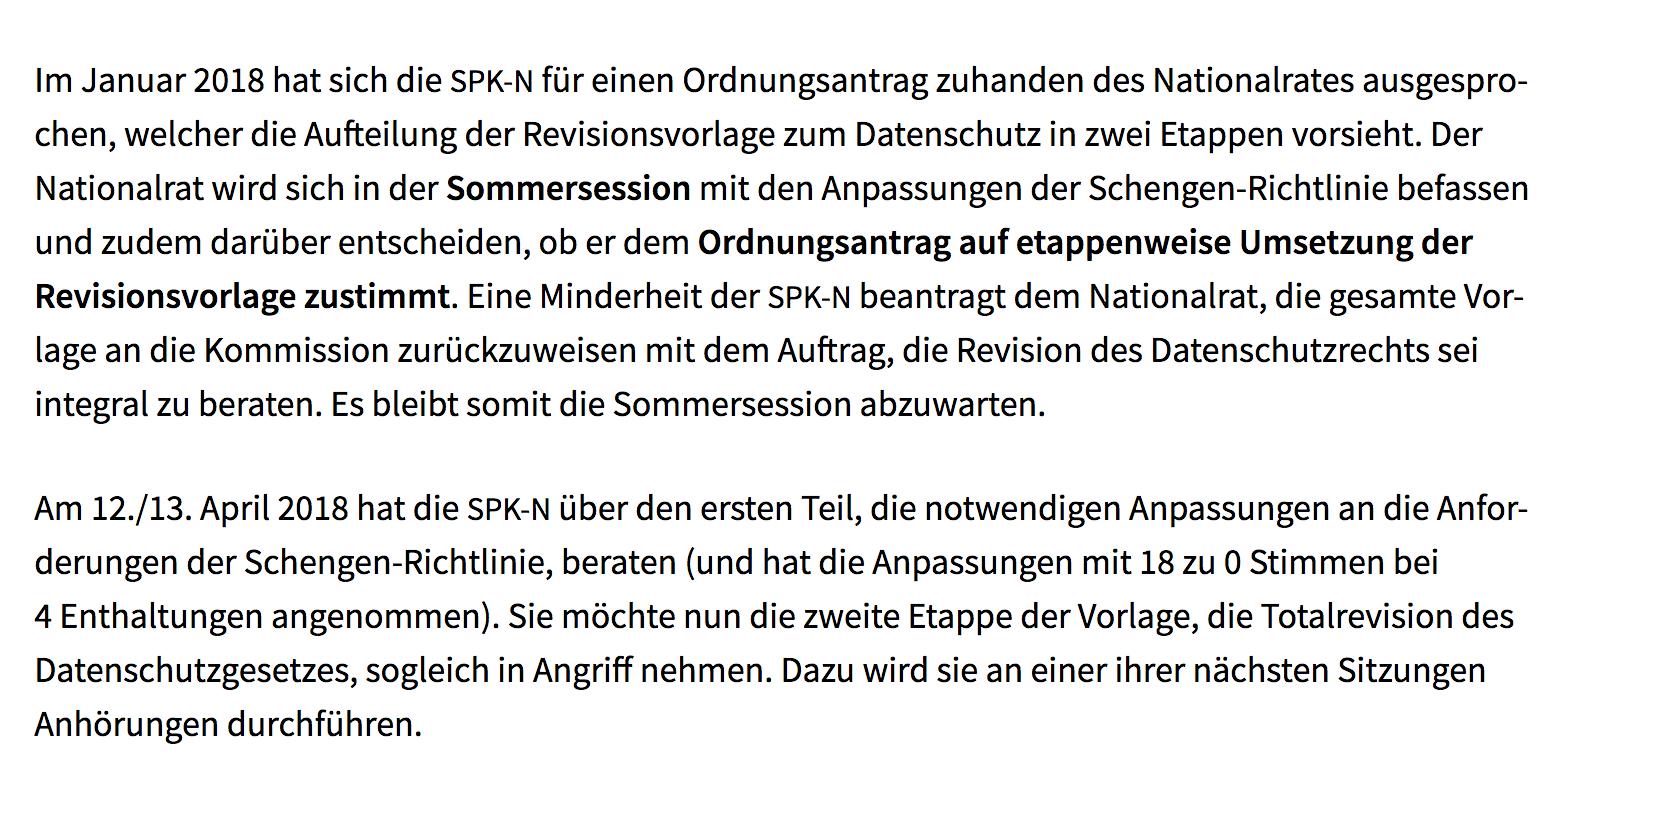 Datenschutzgesetz Datenrech.ch